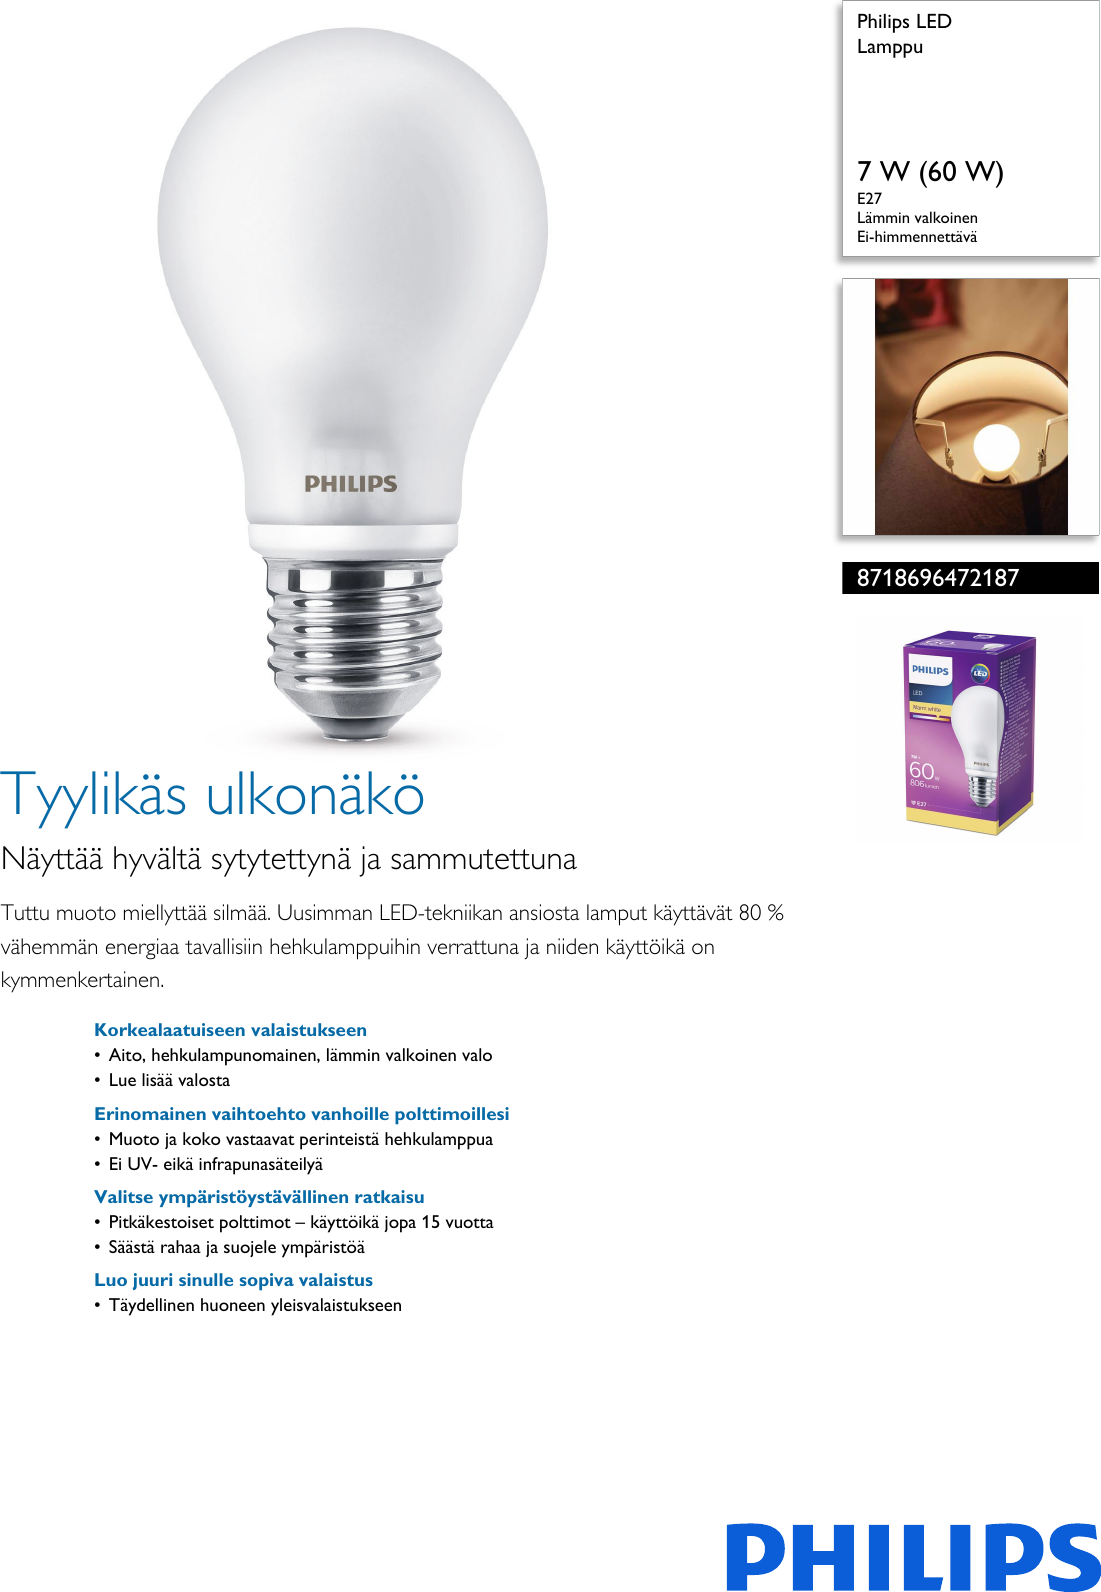 Älykkäitä valaistusratkaisuja yrityksille ja julkiselle sektorille